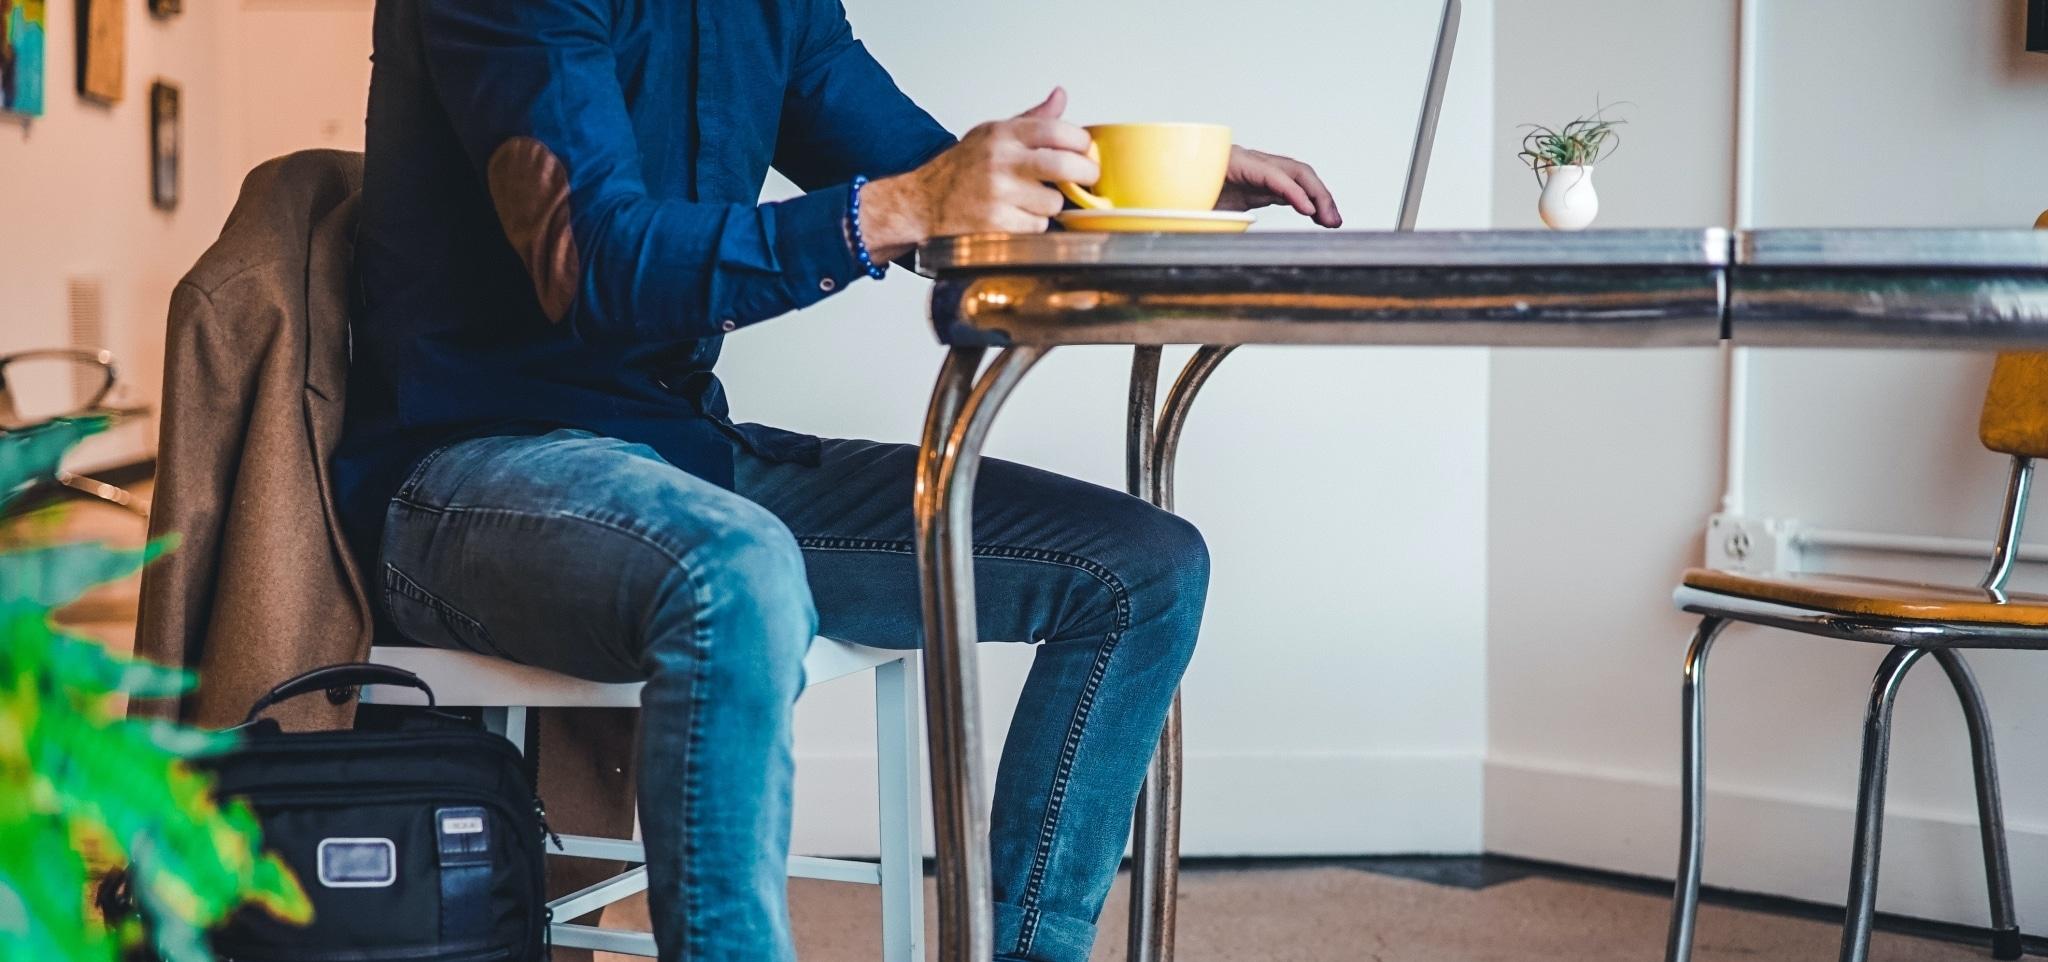 Mann sitzt am Tisch